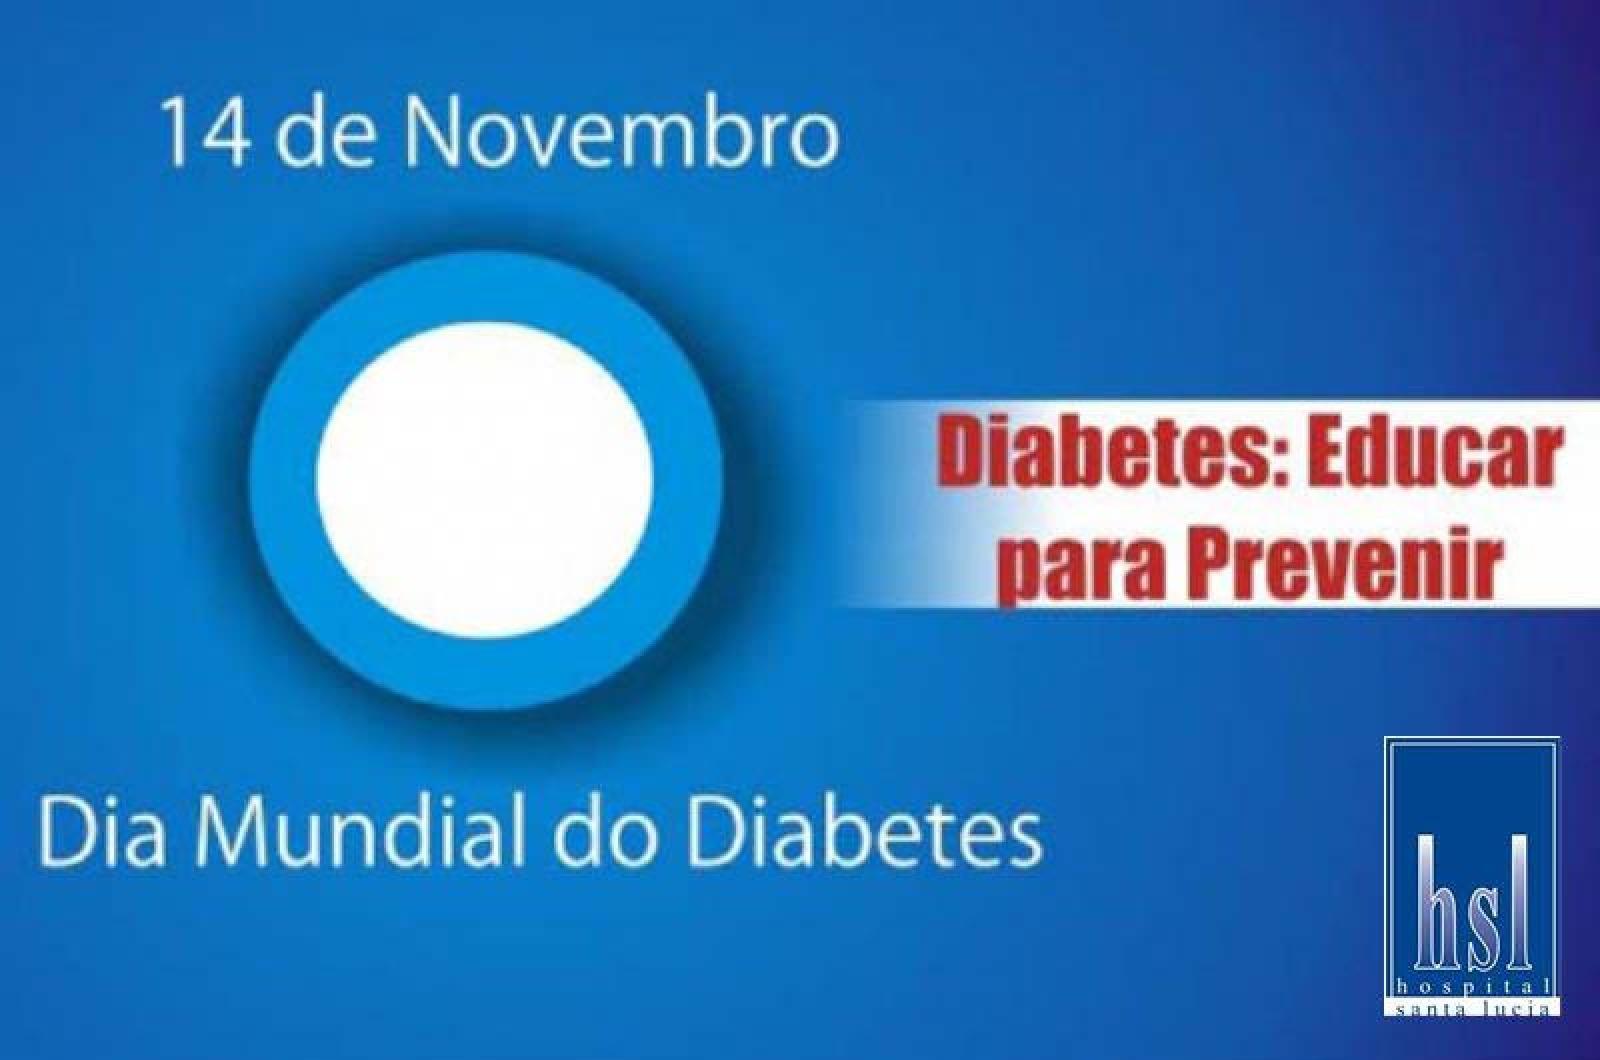 Dia Mundial do Diabetes visa prevenção da doença